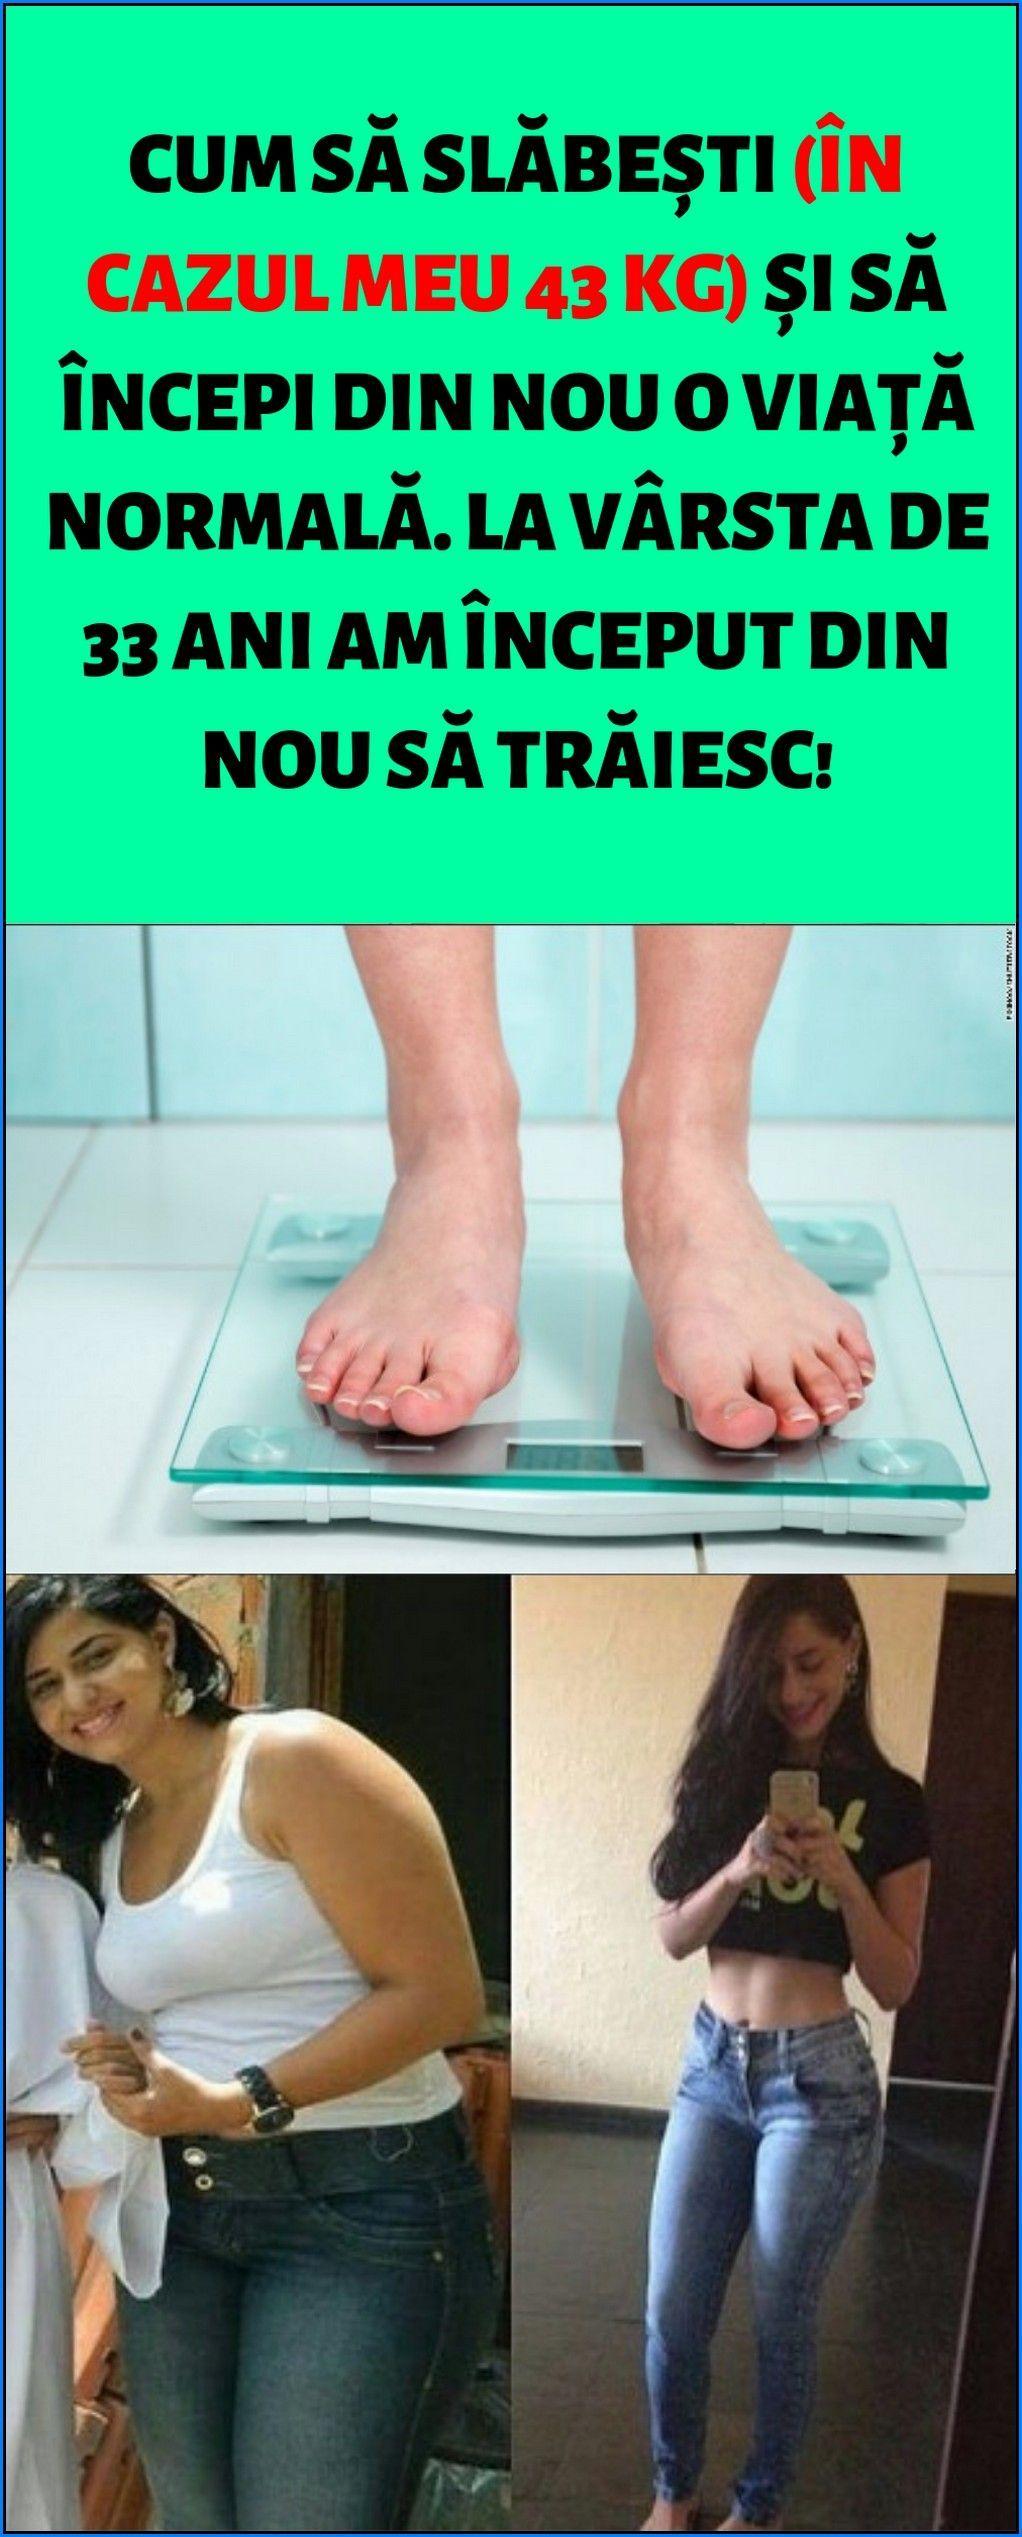 pierderea in greutate forma forma perimenopauza care provoacă scădere în greutate